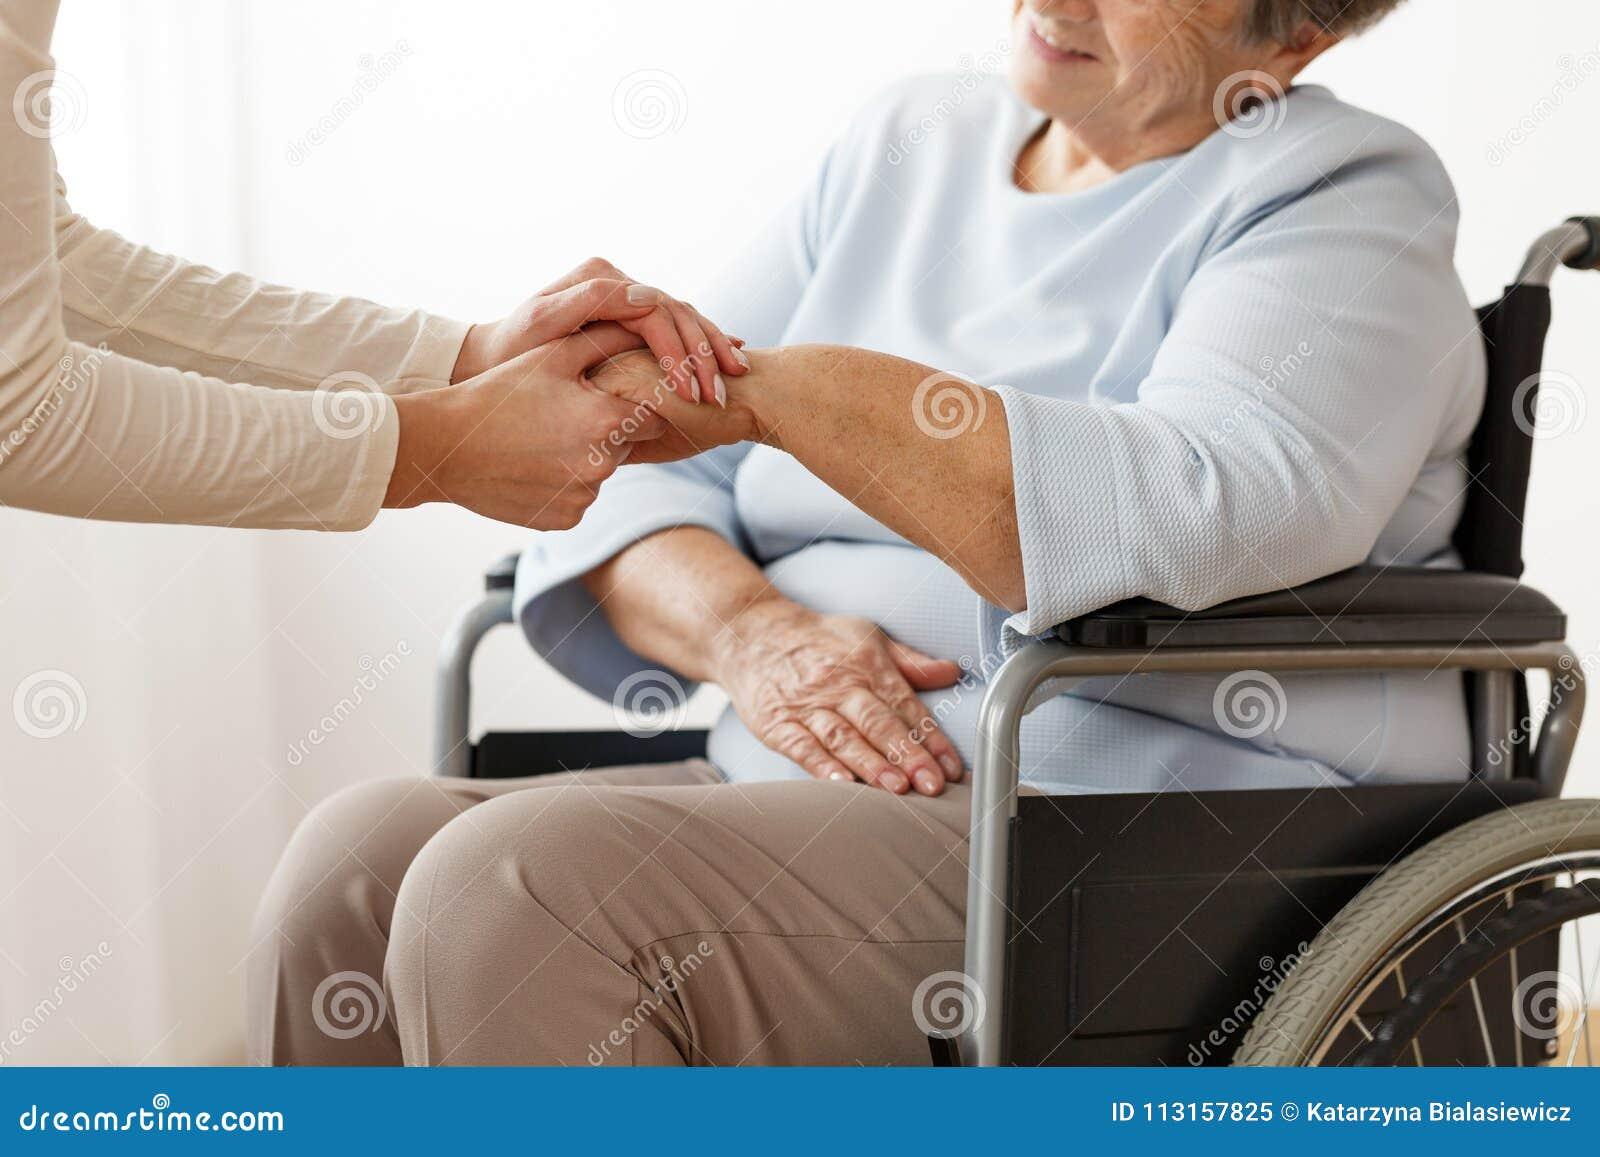 Член семьи поддерживая выведенную из строя бабушку